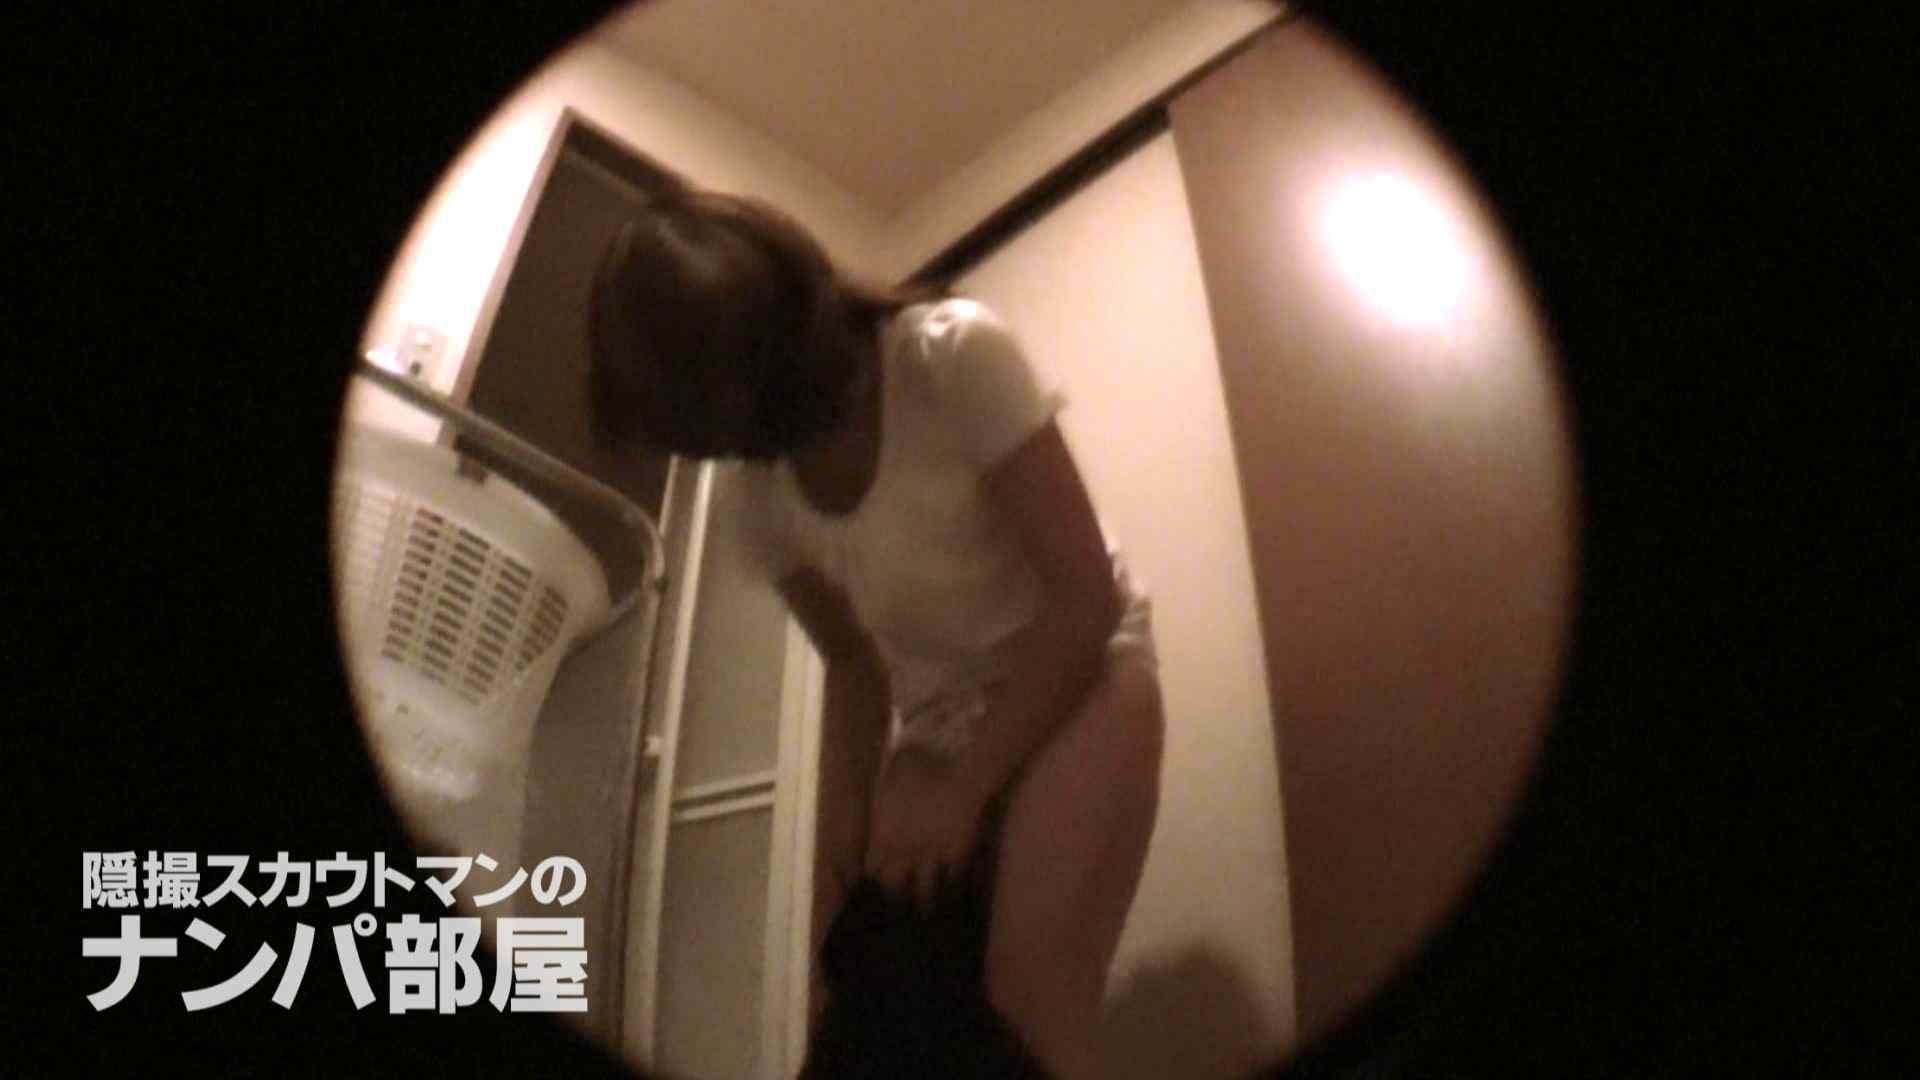 隠撮スカウトマンのナンパ部屋~風俗デビュー前のつまみ食い~ siivol.2 OL裸体 | ナンパ  58画像 22